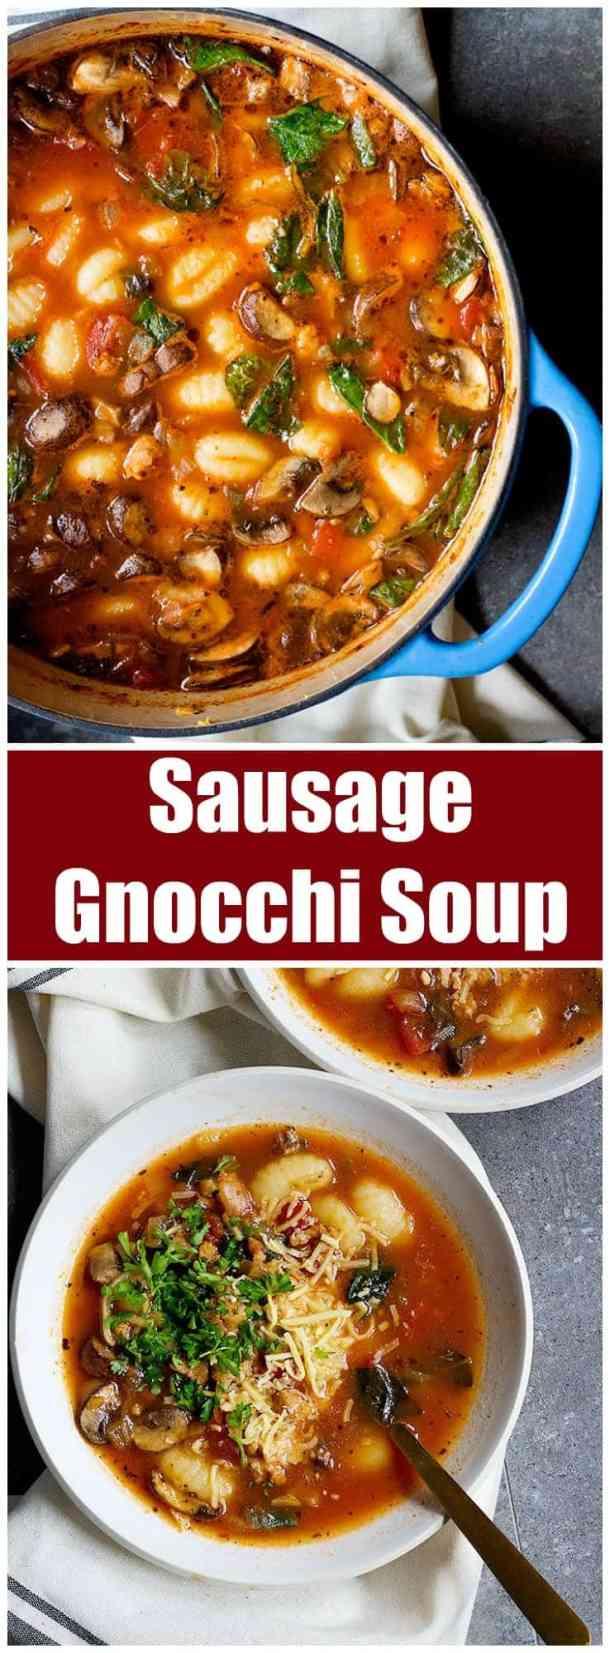 Sausage Gnocchi Soup | Soup Recipe | Gnocchi Soup Recipe | Italian Soup Recipe | Pasta Soup Recipe | Sausage Soup Recipe | Sausage and Vegetable Soup | Comfort Food | Easy Soup Recipe | Unicornsinthekitchen.com